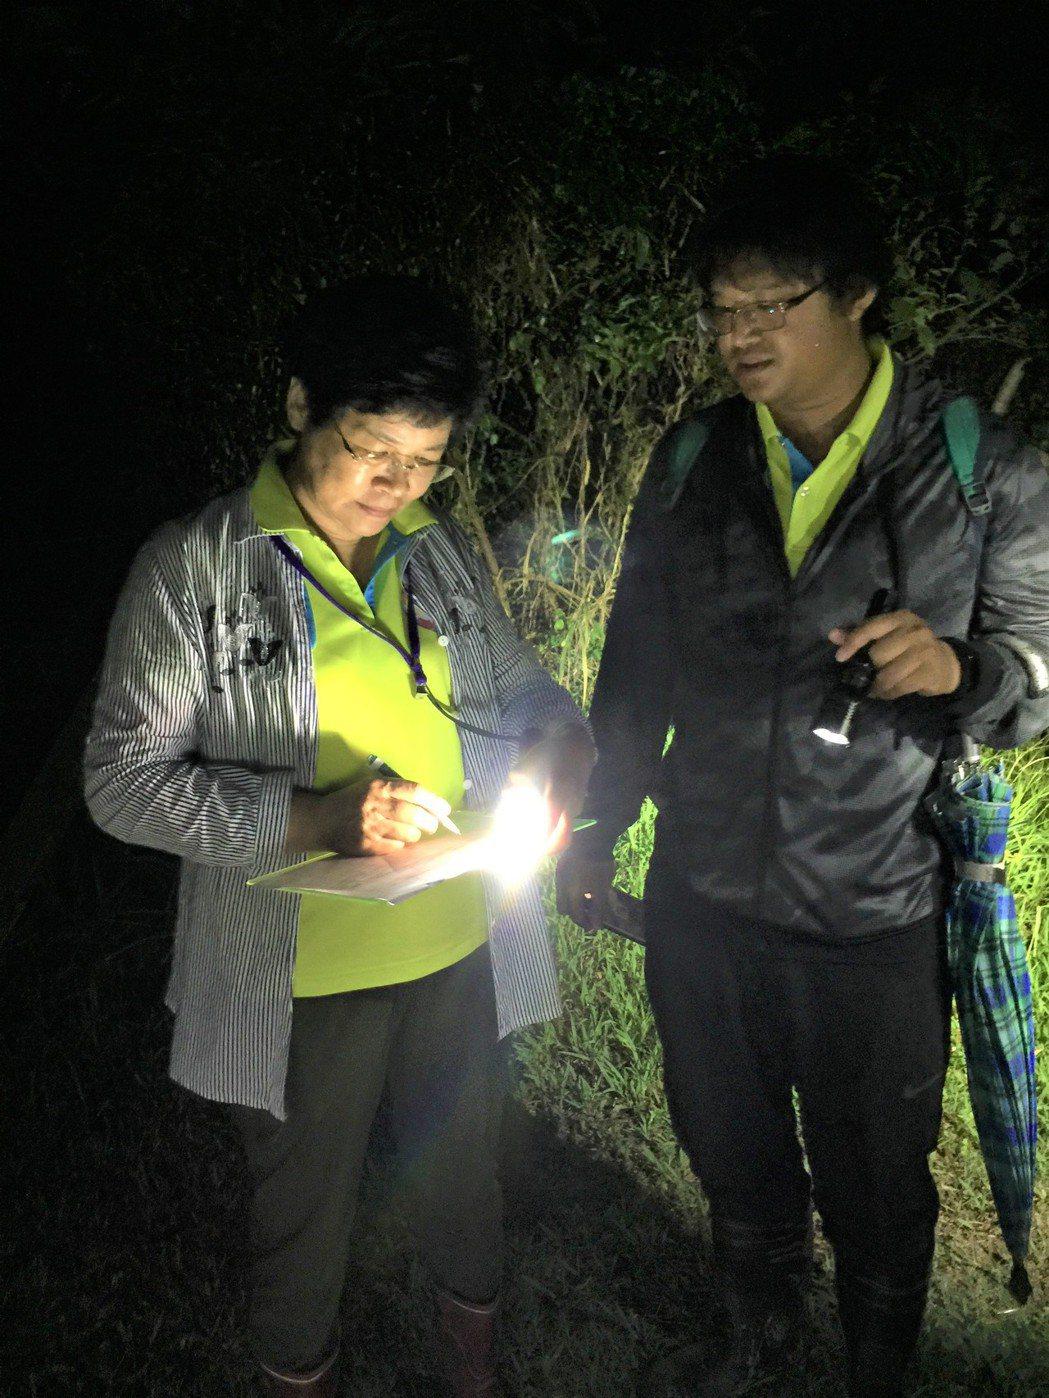 屏東恆春半島11個生態旅旅社區疫情期間沒閒著,持續生態巡守監測。記者潘欣中/翻攝